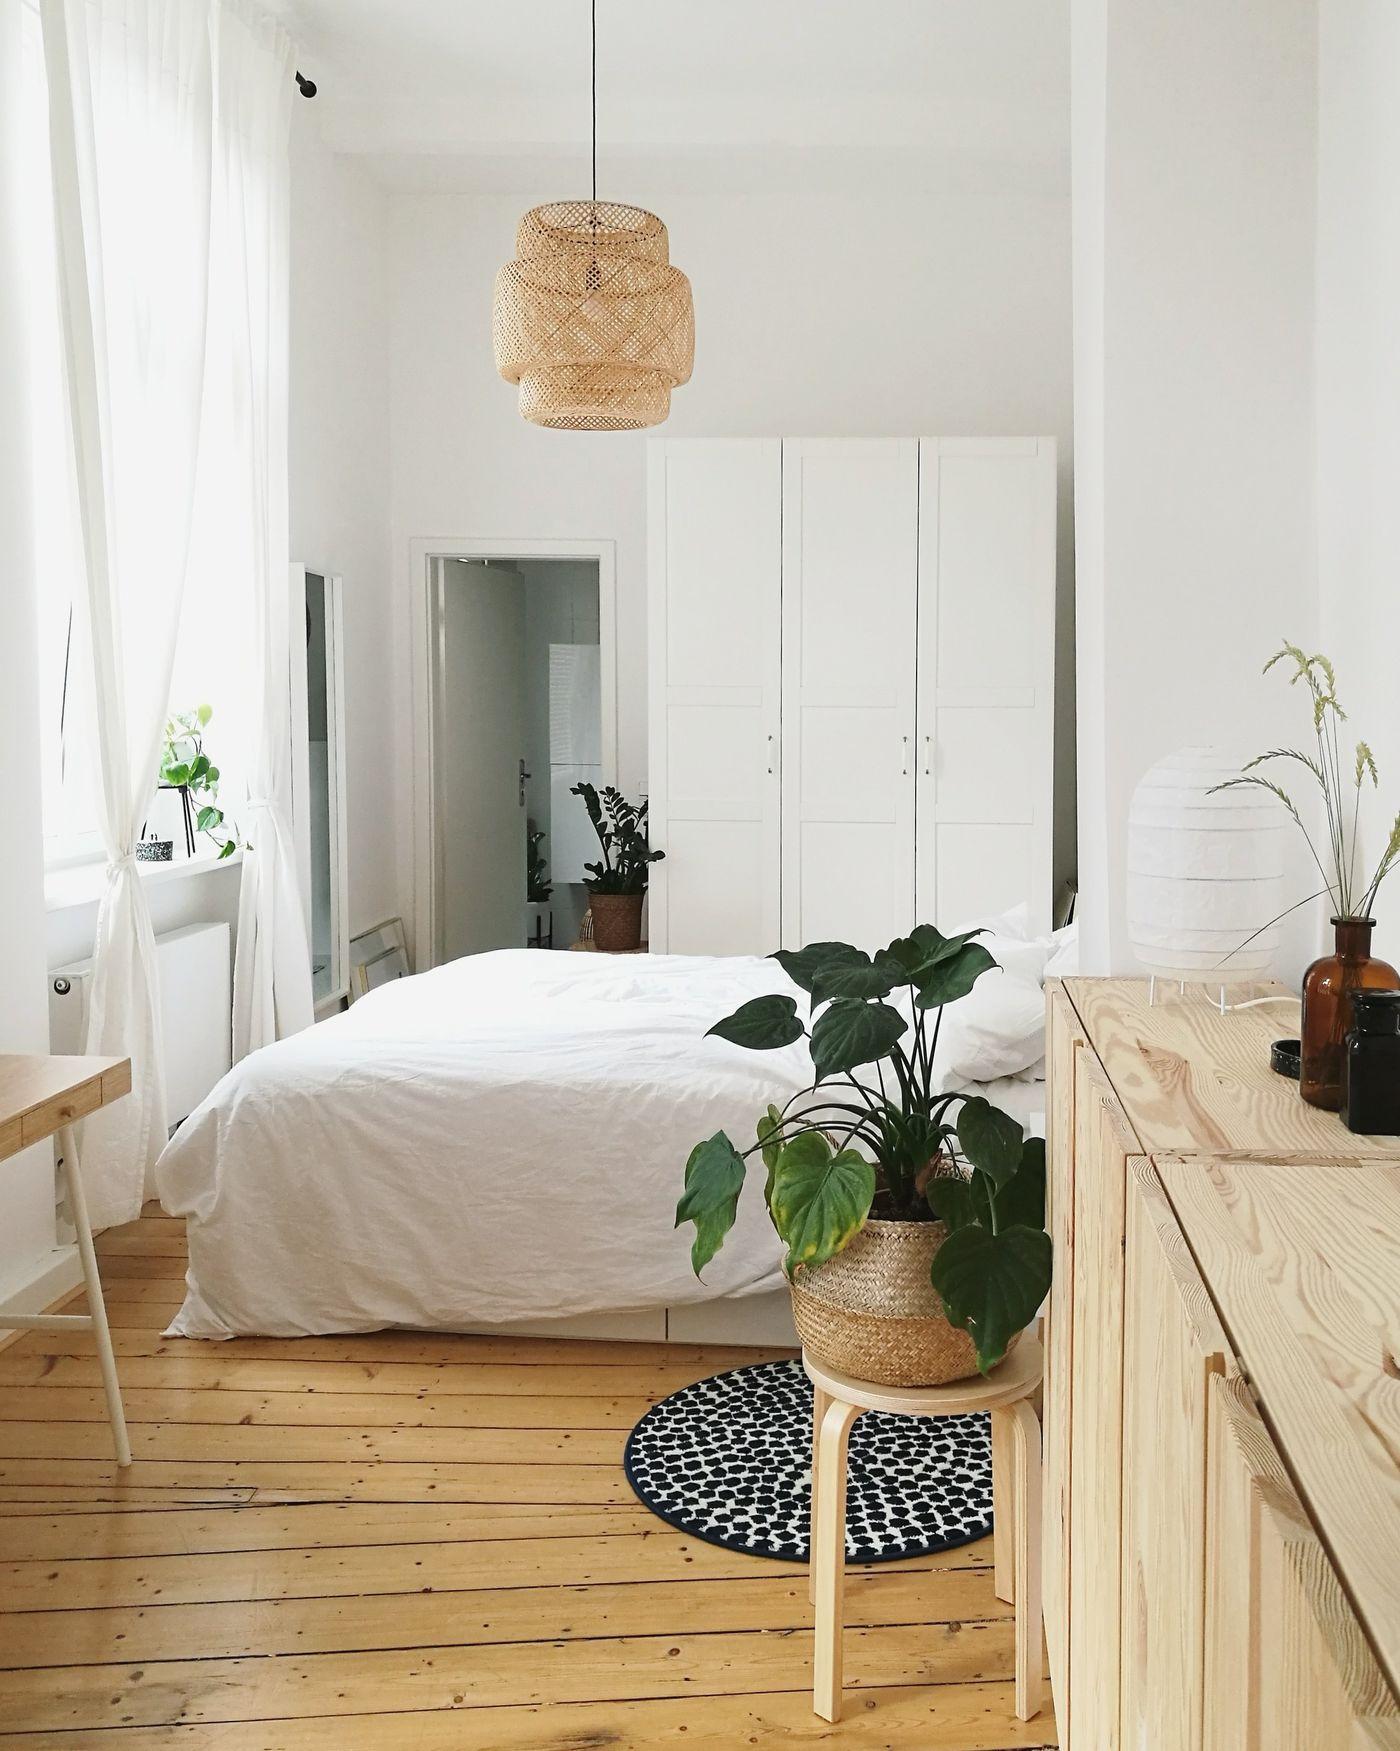 Ideen und Inspirationen für Ikea Betten